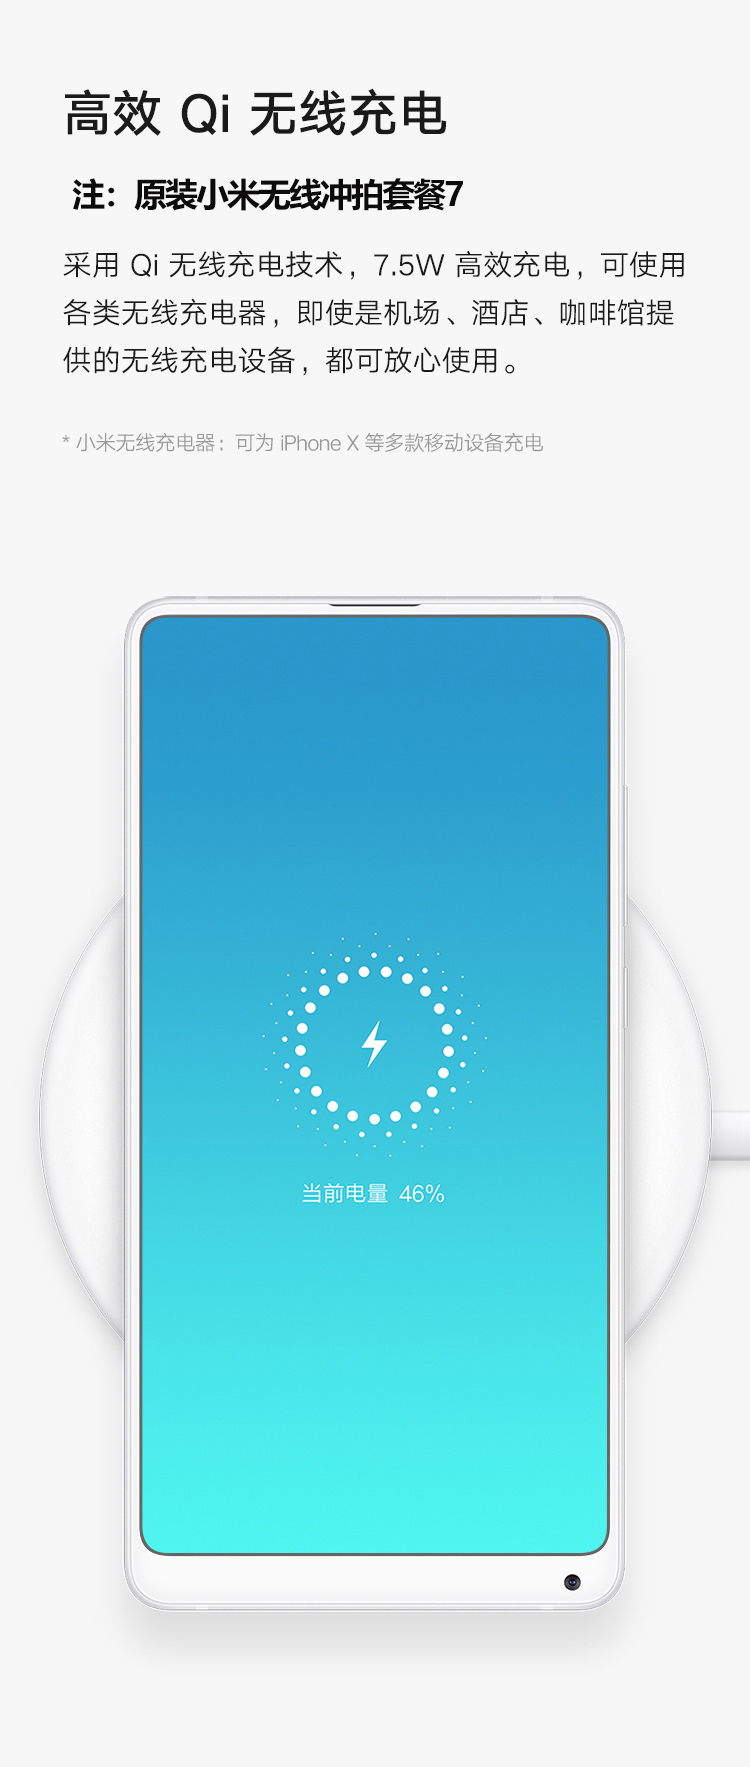 中山手机网 小米(xiaomi) 小米 MIX2S手机专卖